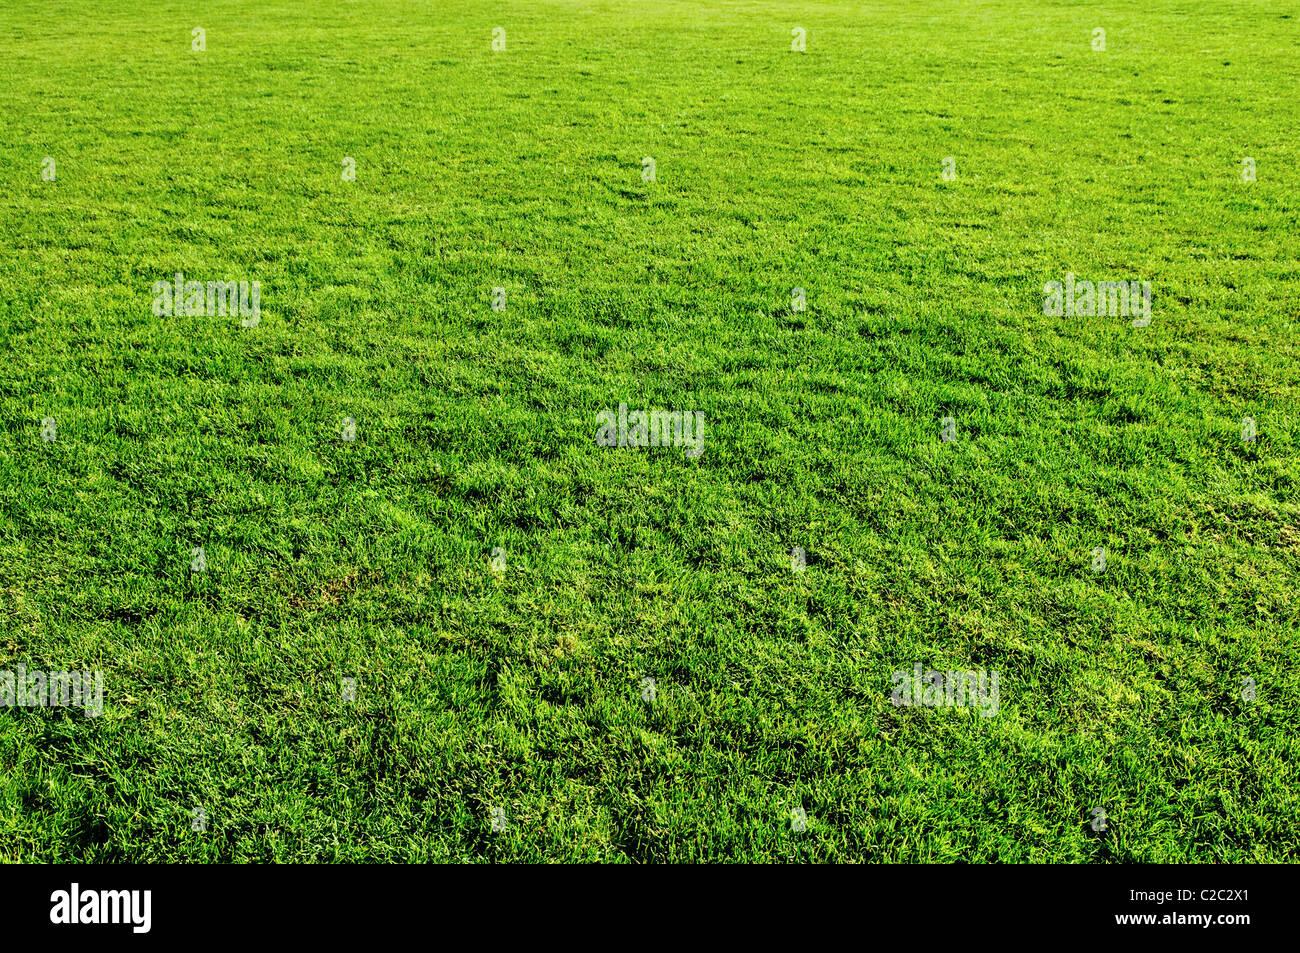 La primavera hierba verde pradera para diseñar Imagen De Stock